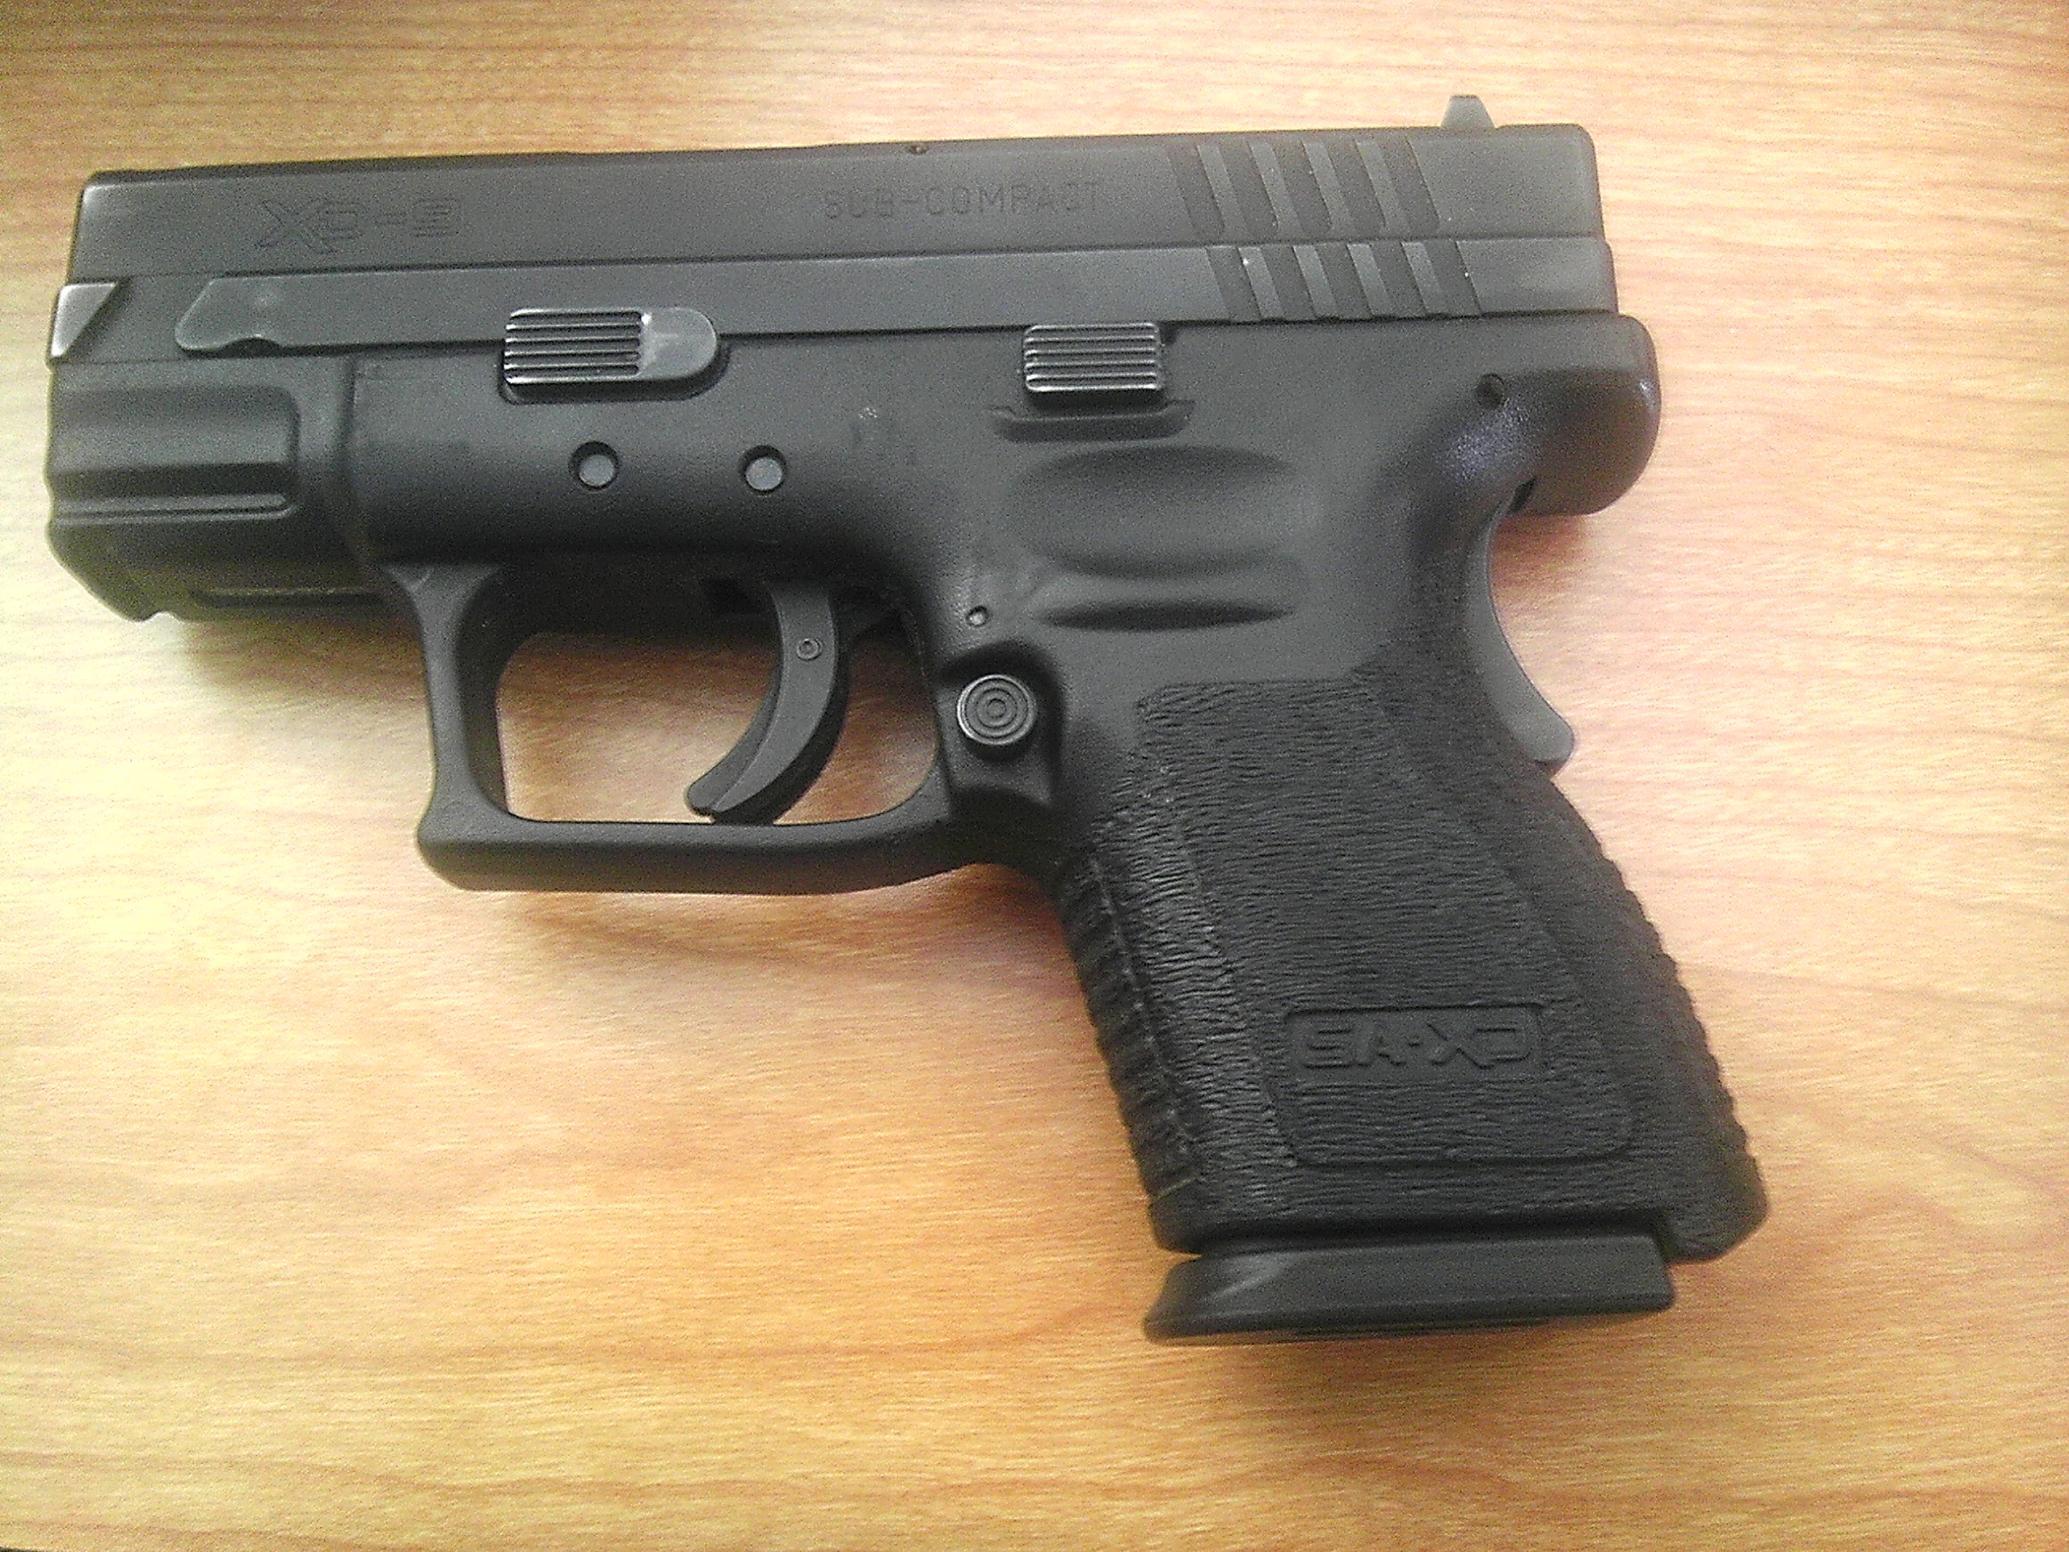 Glock grip texturing-imag0357.jpg